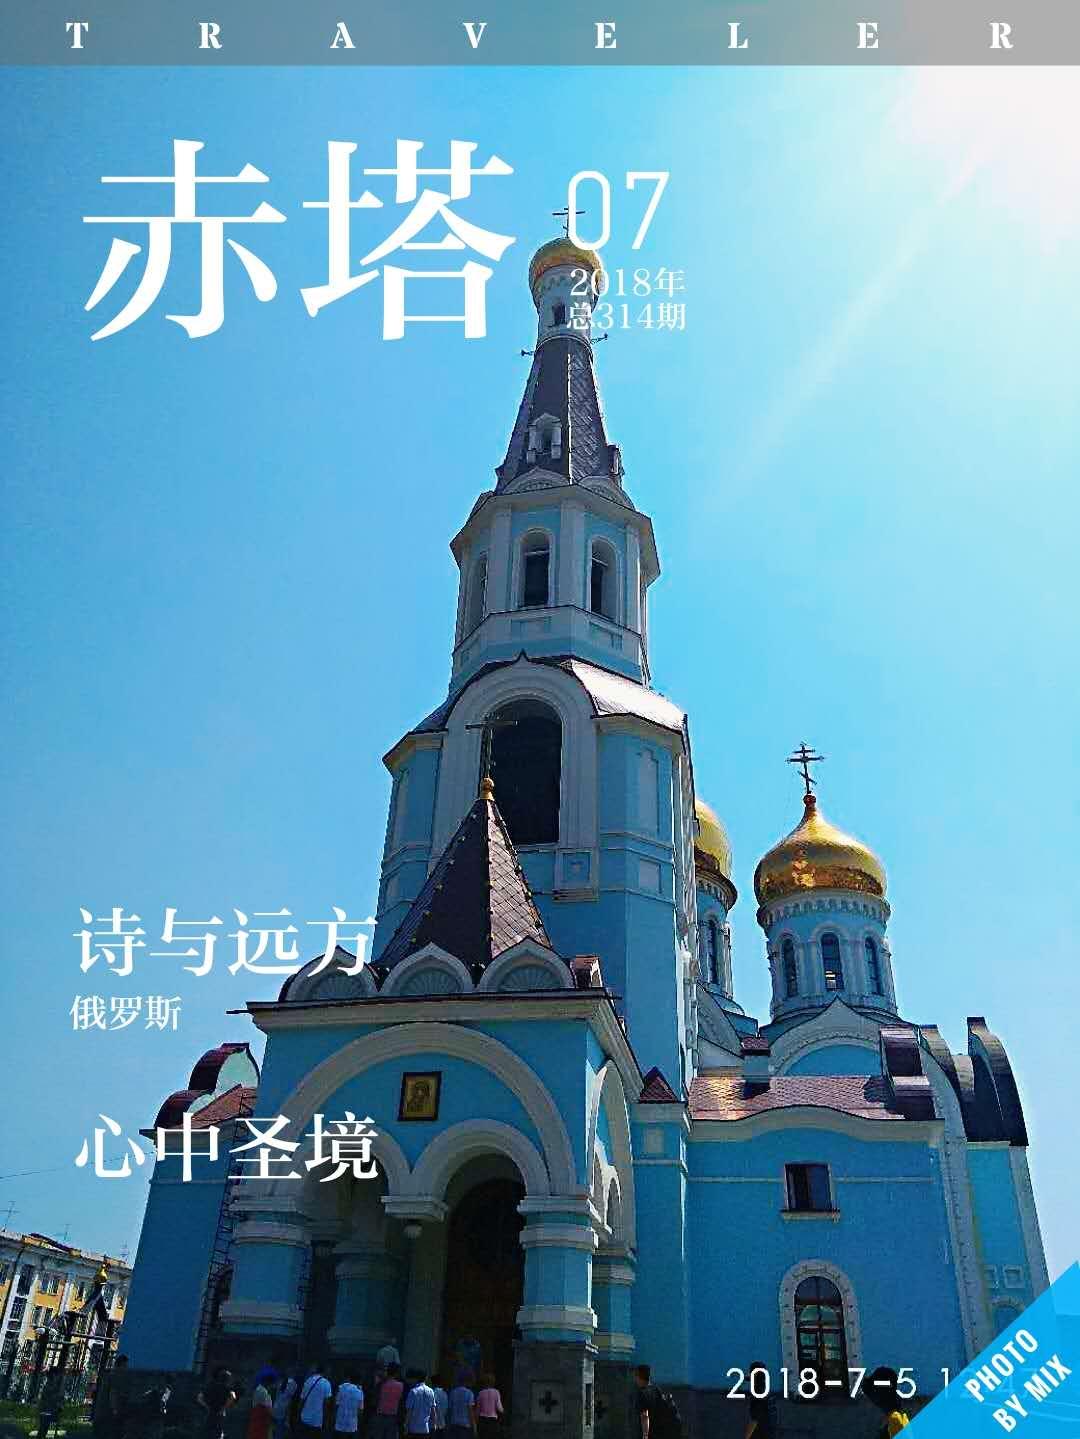 5月7日俄罗斯赤塔阅兵四日游